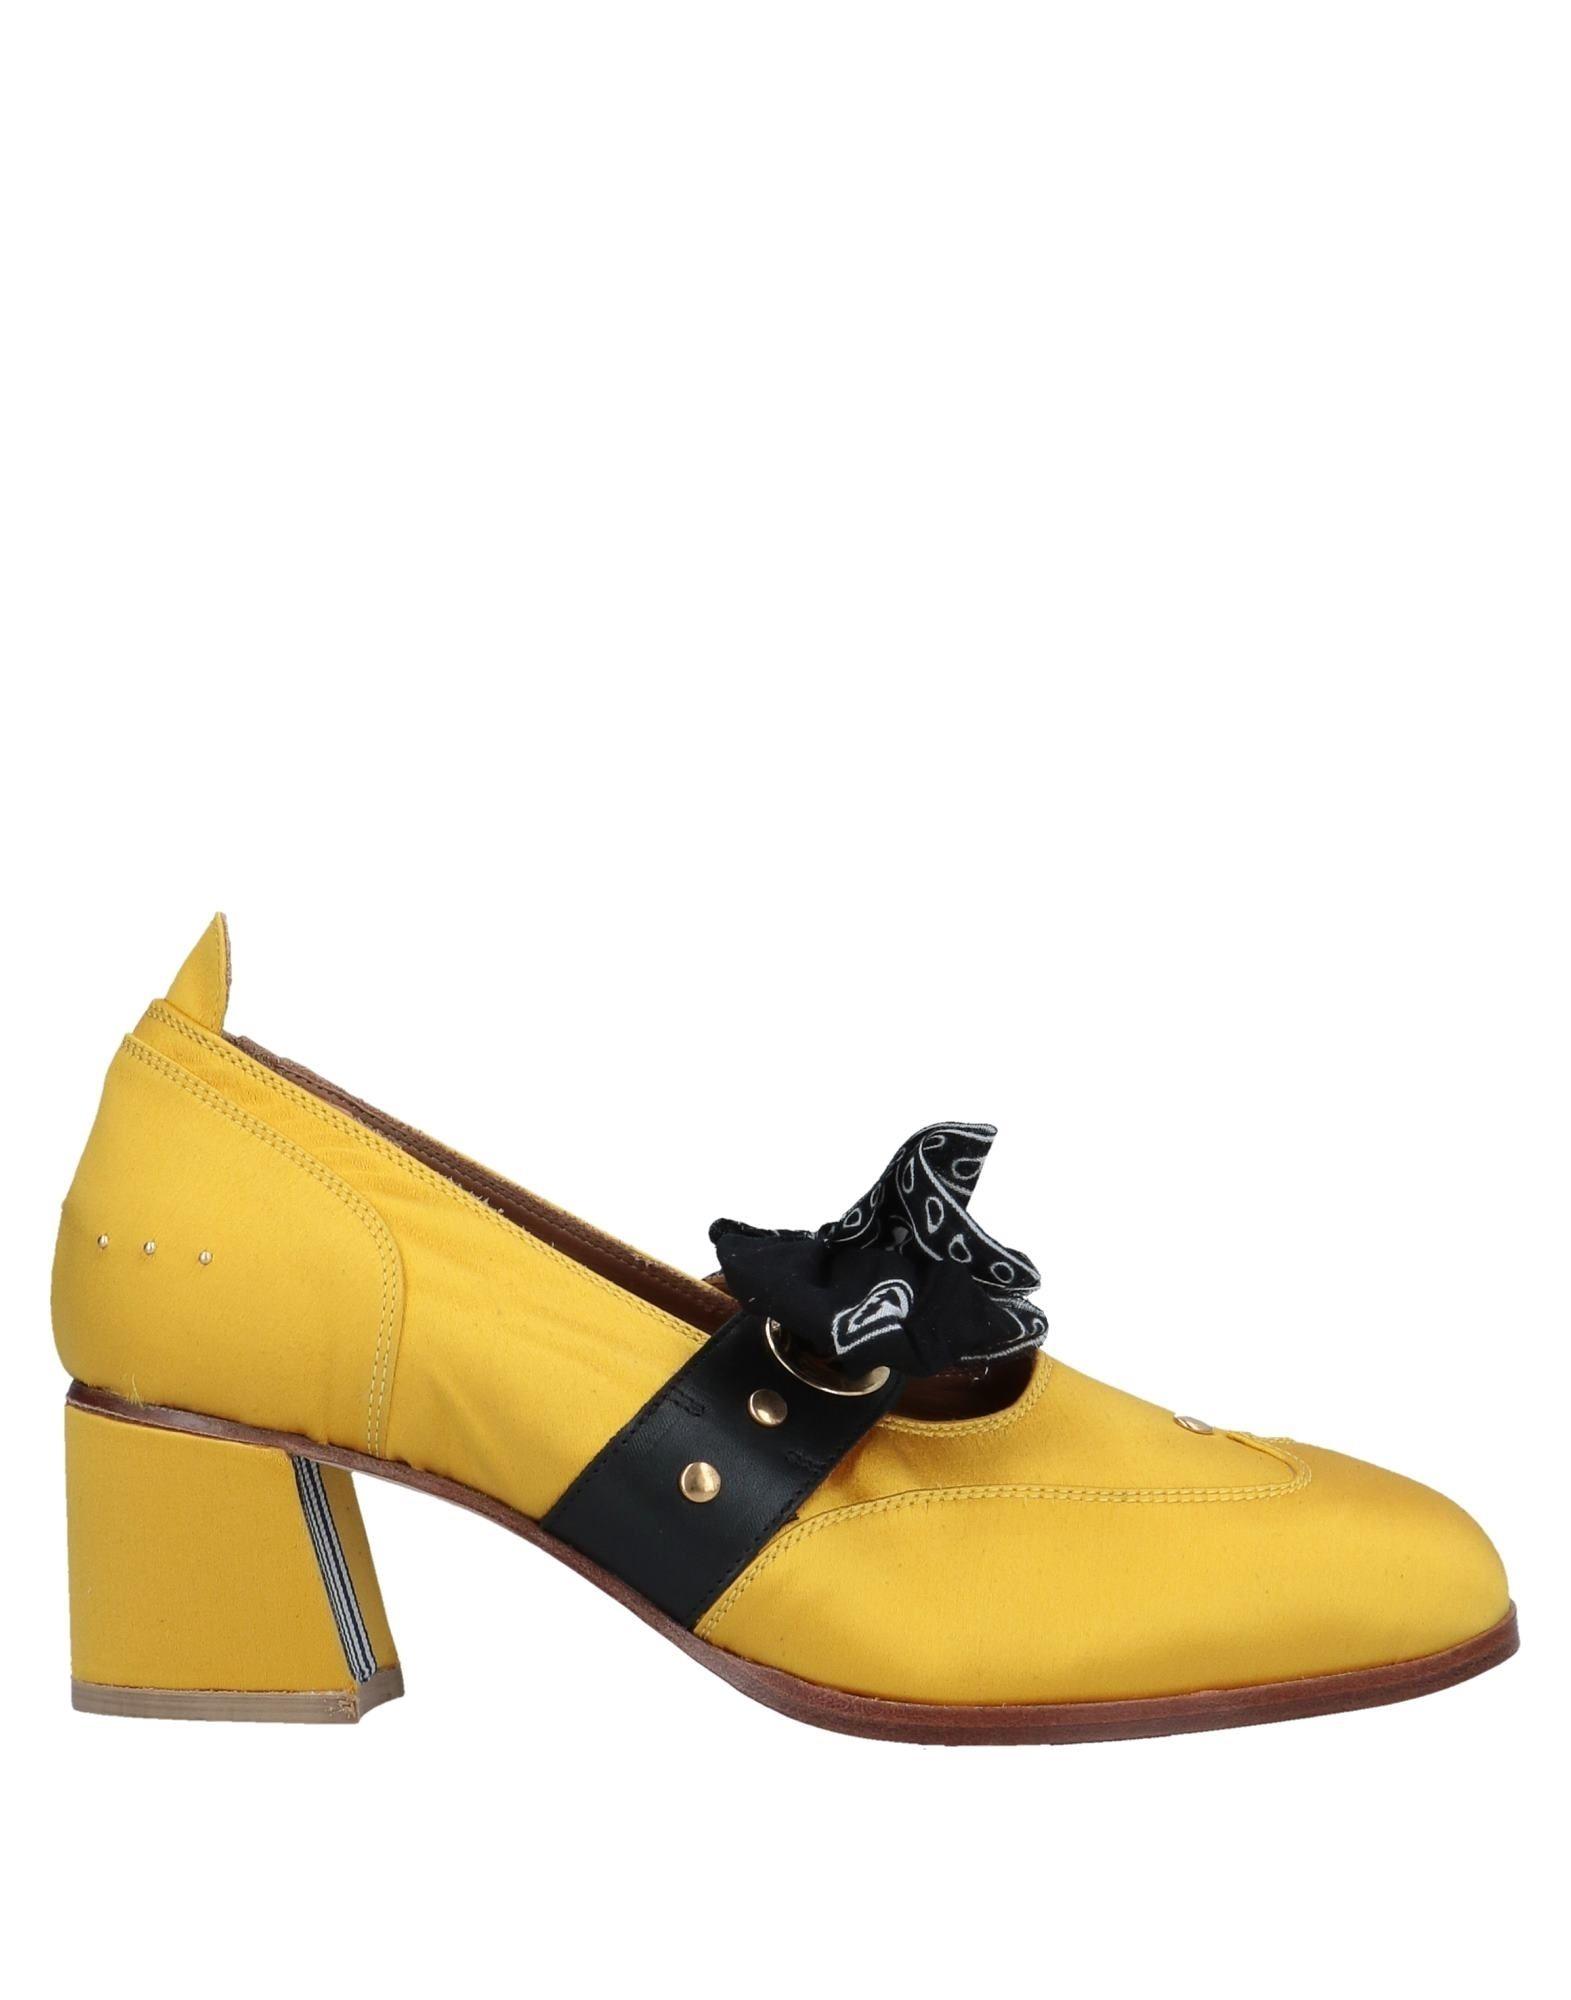 modelo más vendido Salón de la marcaZapato De Salón vendido L'f Shoes Mujer - Salones L'f Shoes  Amarillo 7c0d29